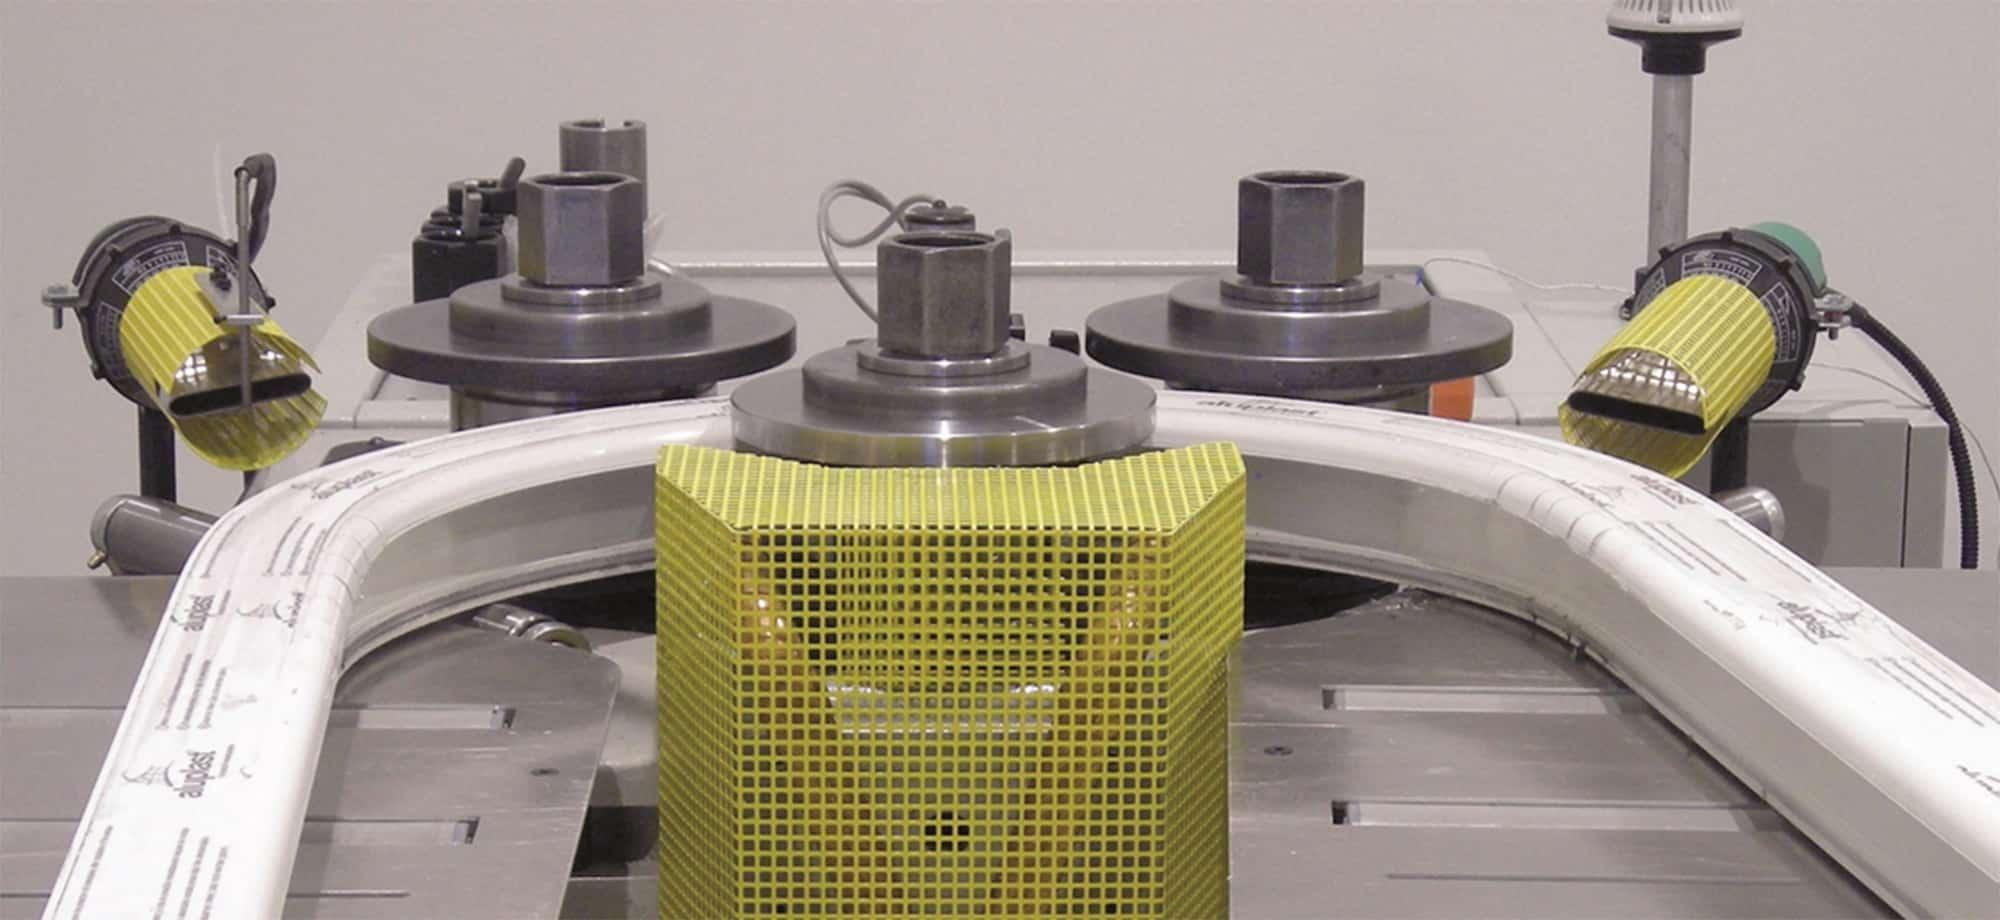 JC Colombo vous propose des machines pour le cintrage de vos profilés acier, aluminium et PVC - Photo de Kleuske